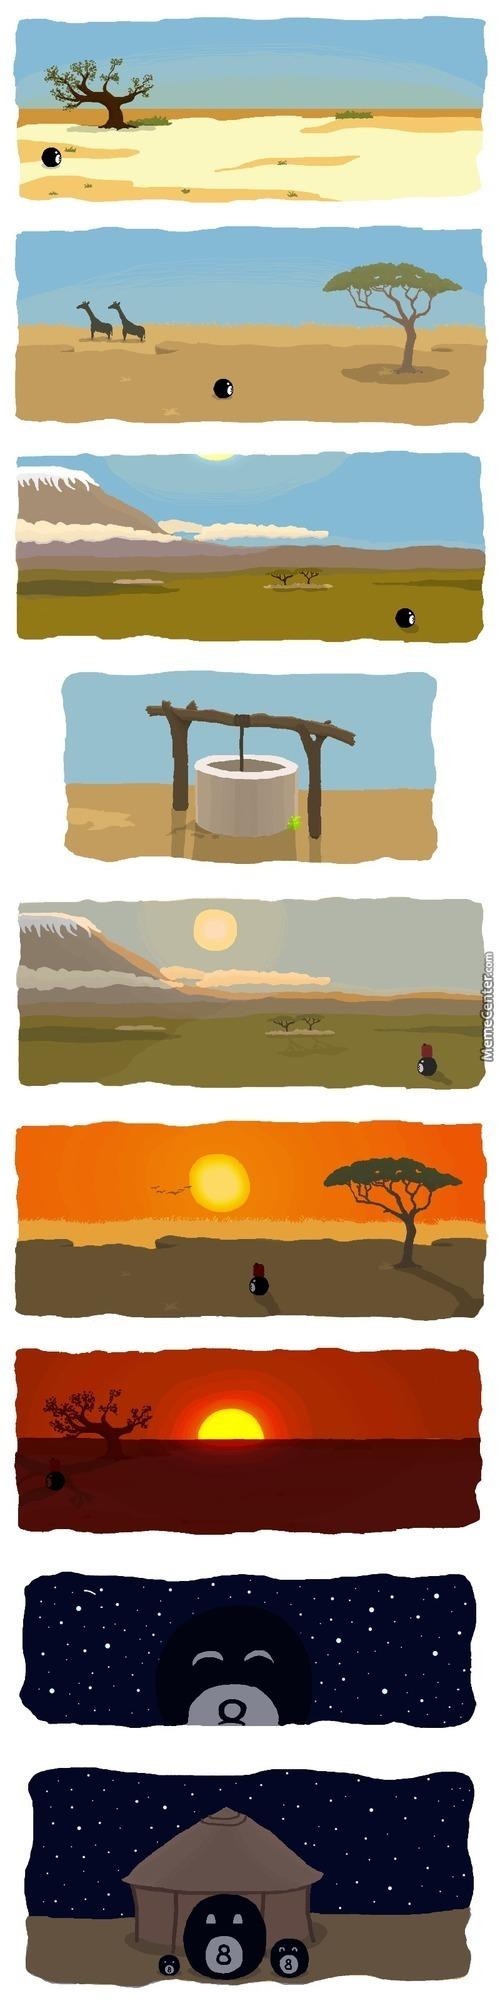 Plik:The journey.jpg